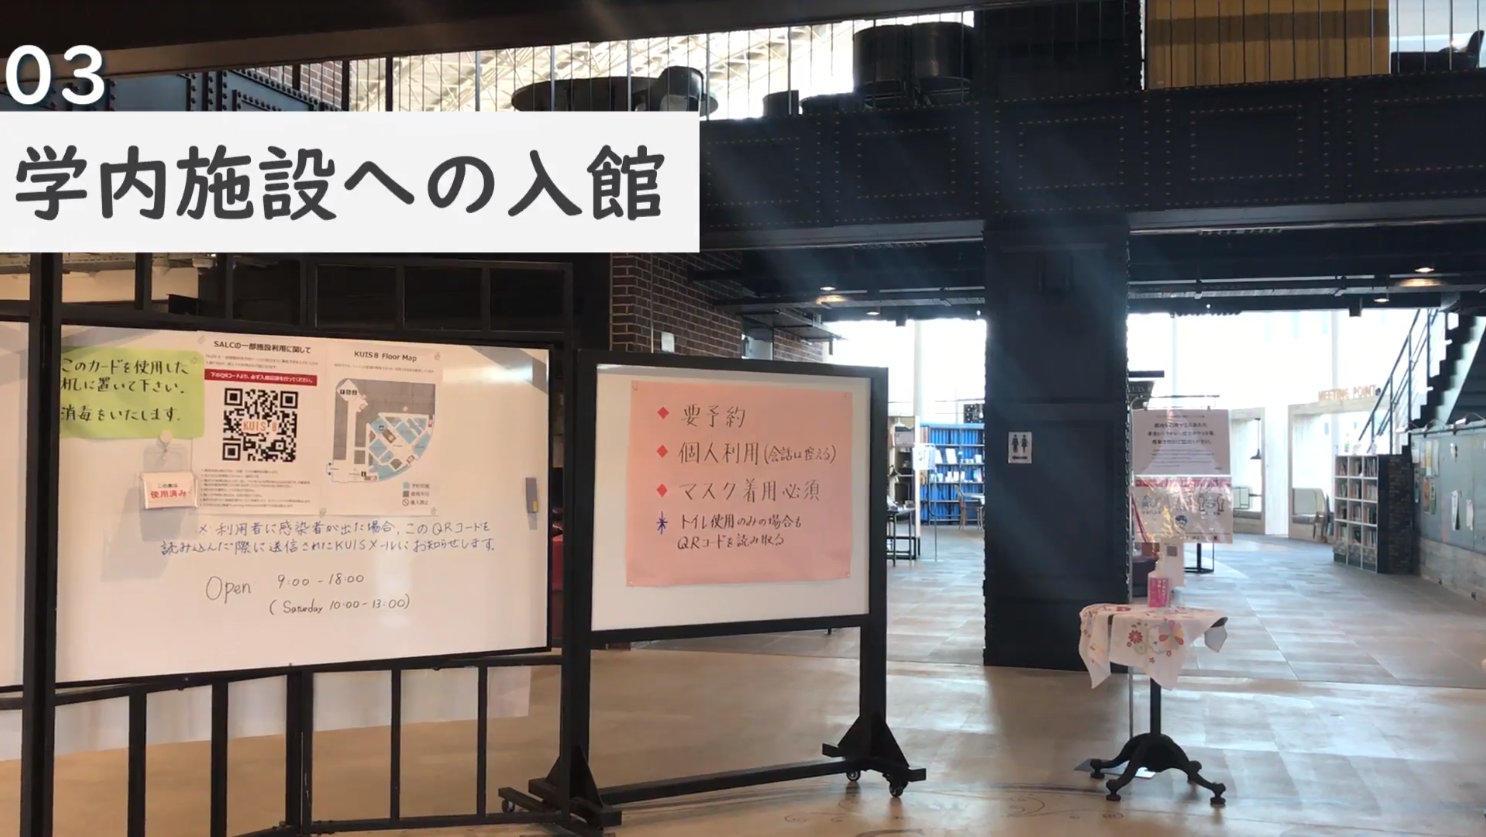 神田外語大学は在学生などに向けて学内での感染予防対策を紹介する動画を公開しました